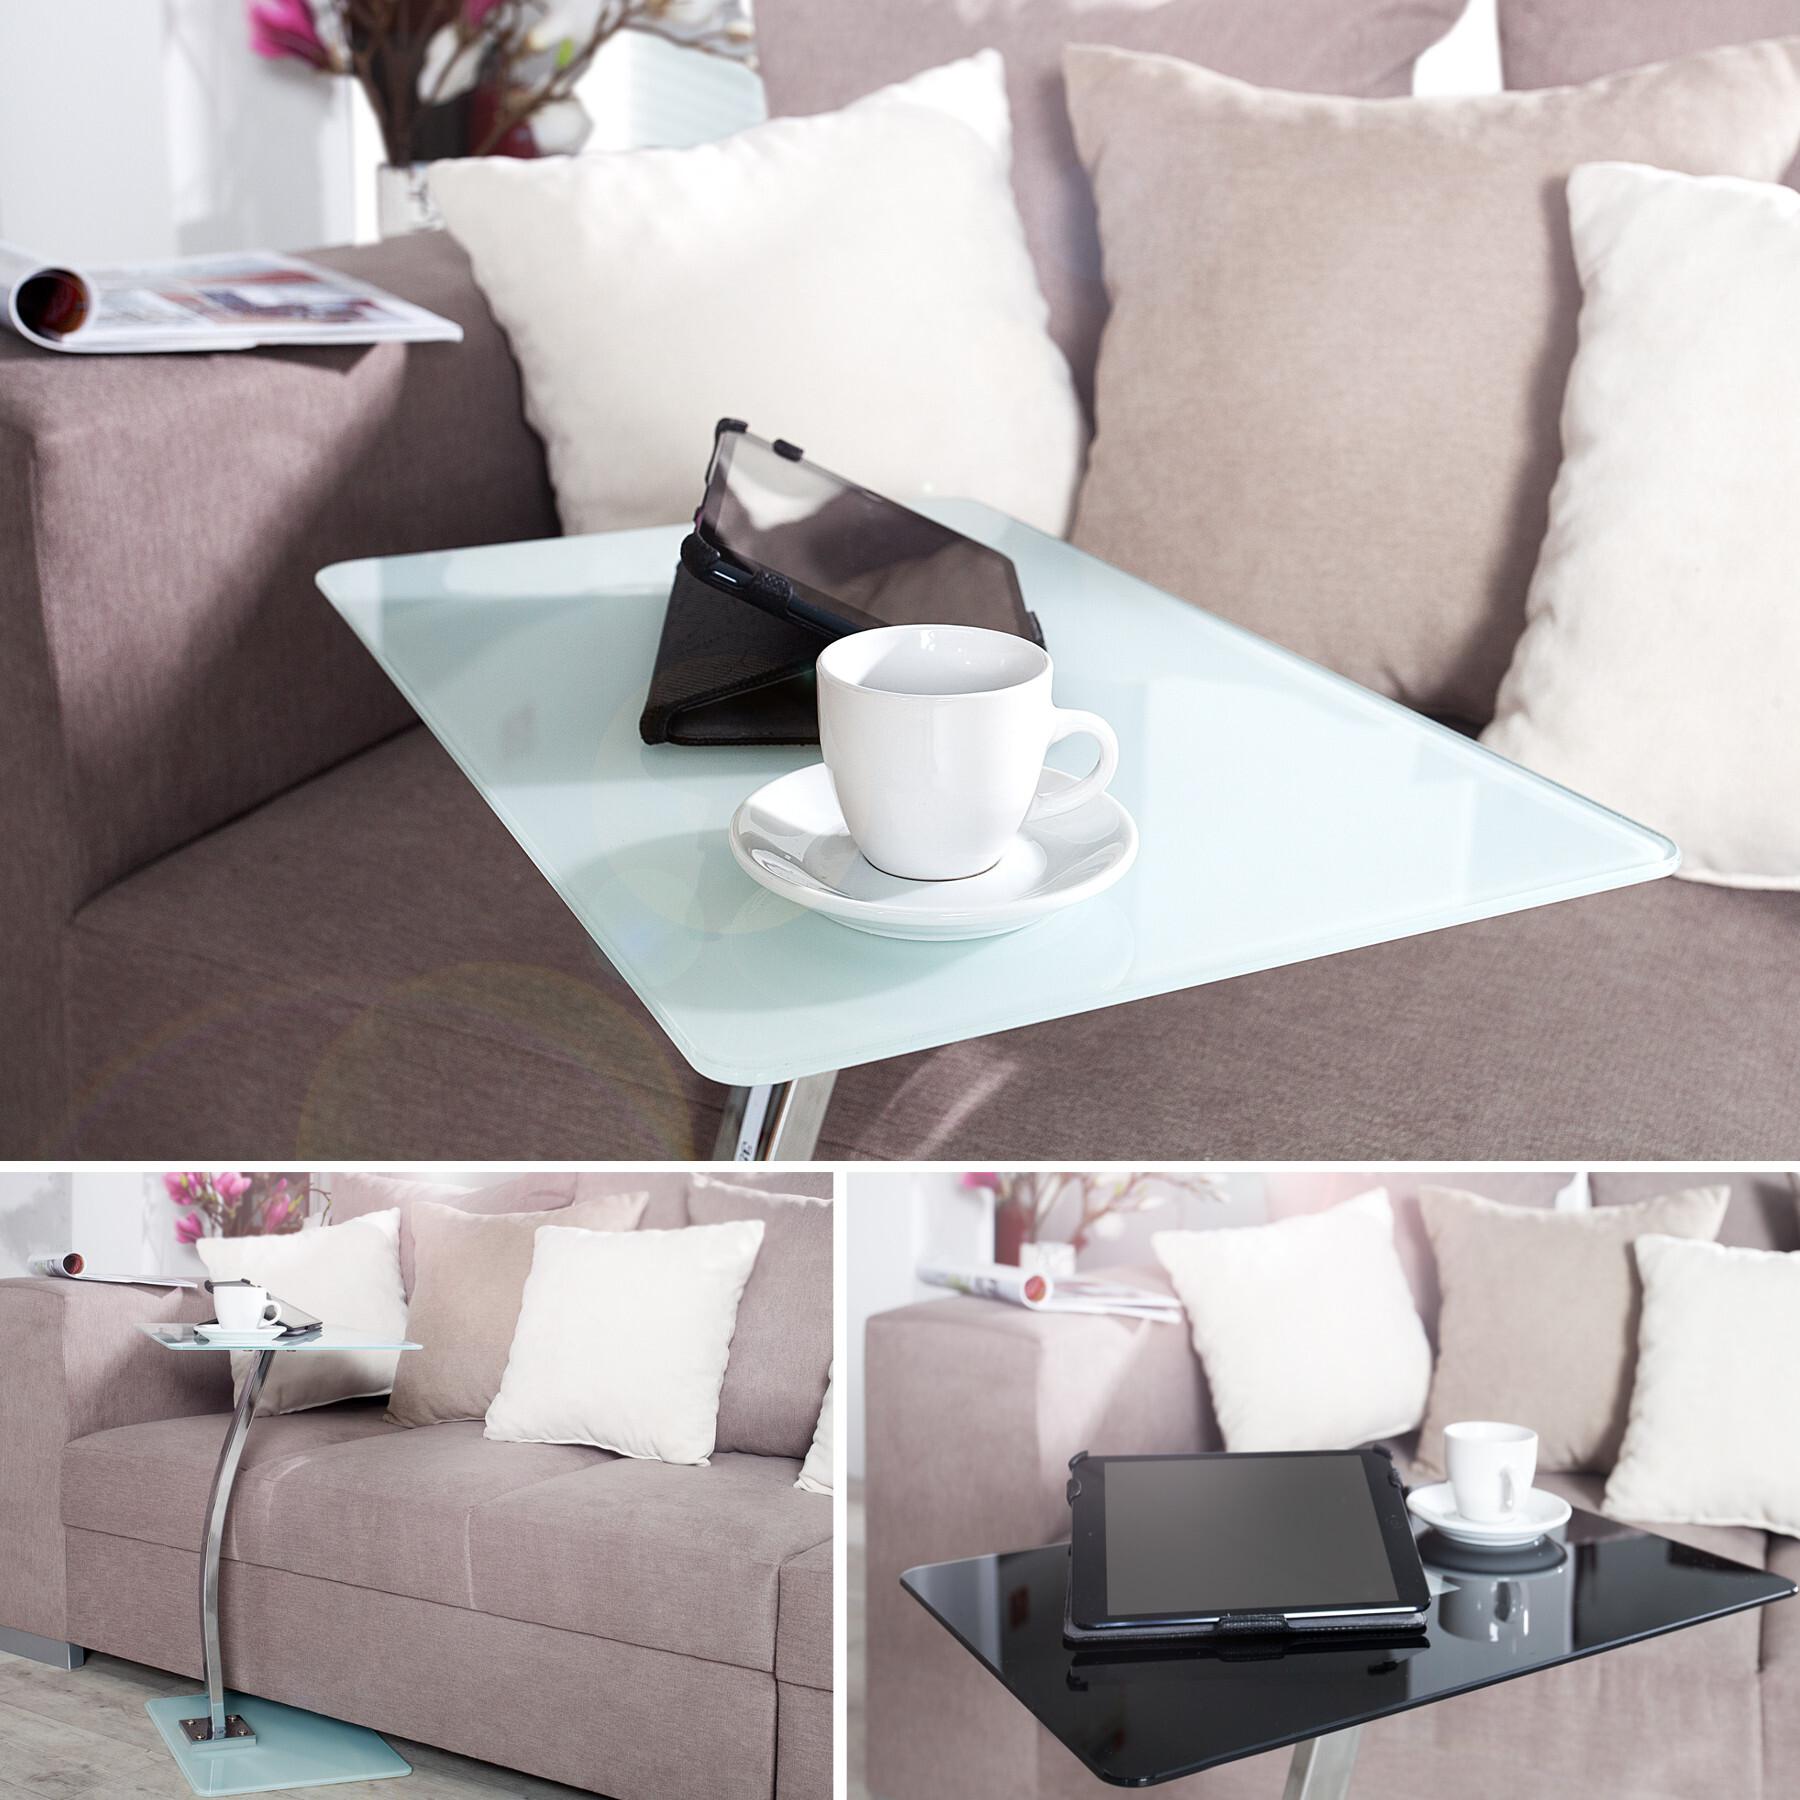 laptoptisch butler tisch beistelltisch couchtisch tische glastisch 58 cm ebay. Black Bedroom Furniture Sets. Home Design Ideas